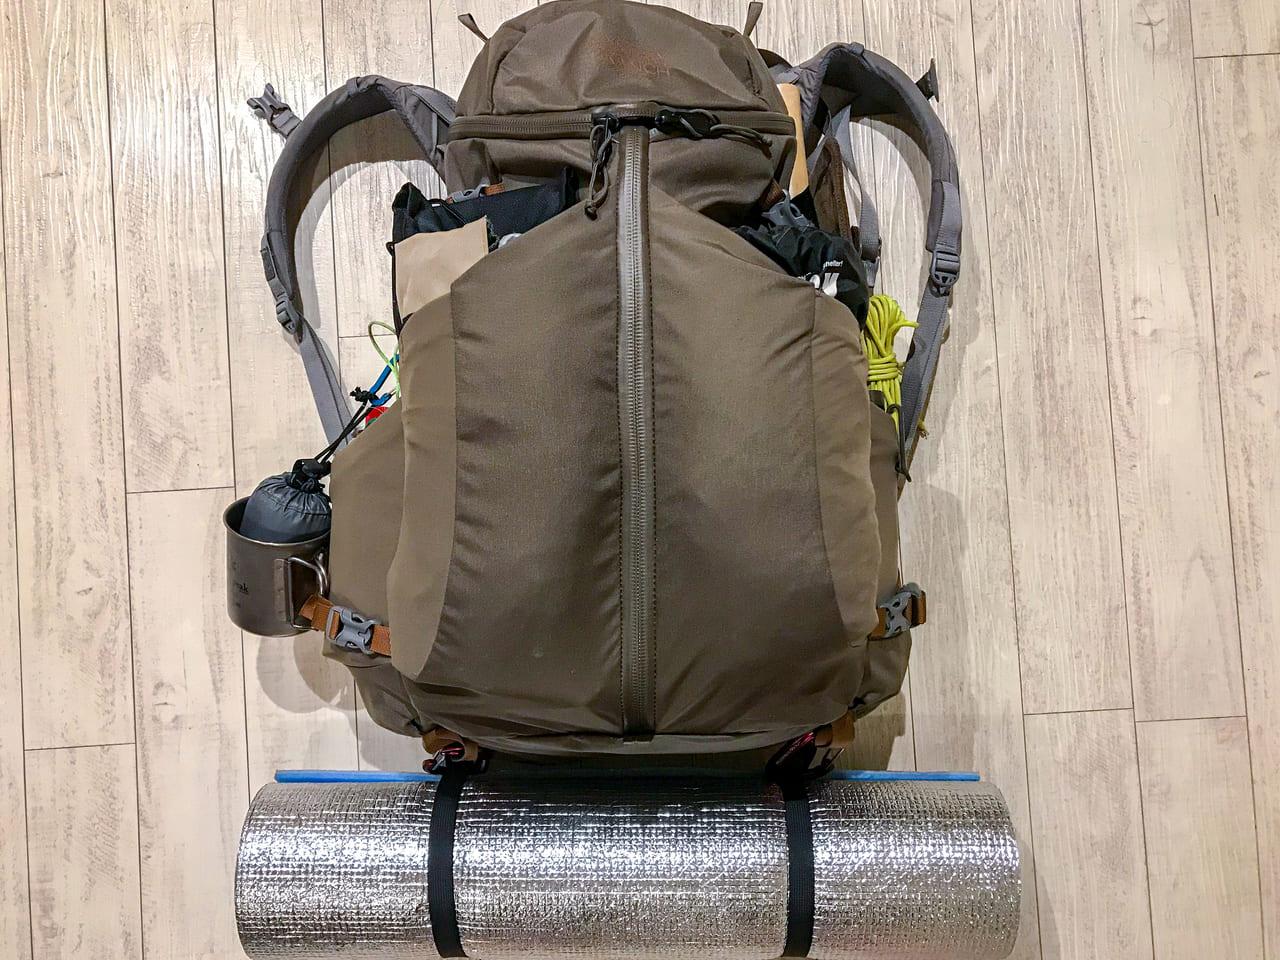 /ソロキャンプにおすすめのバックパック